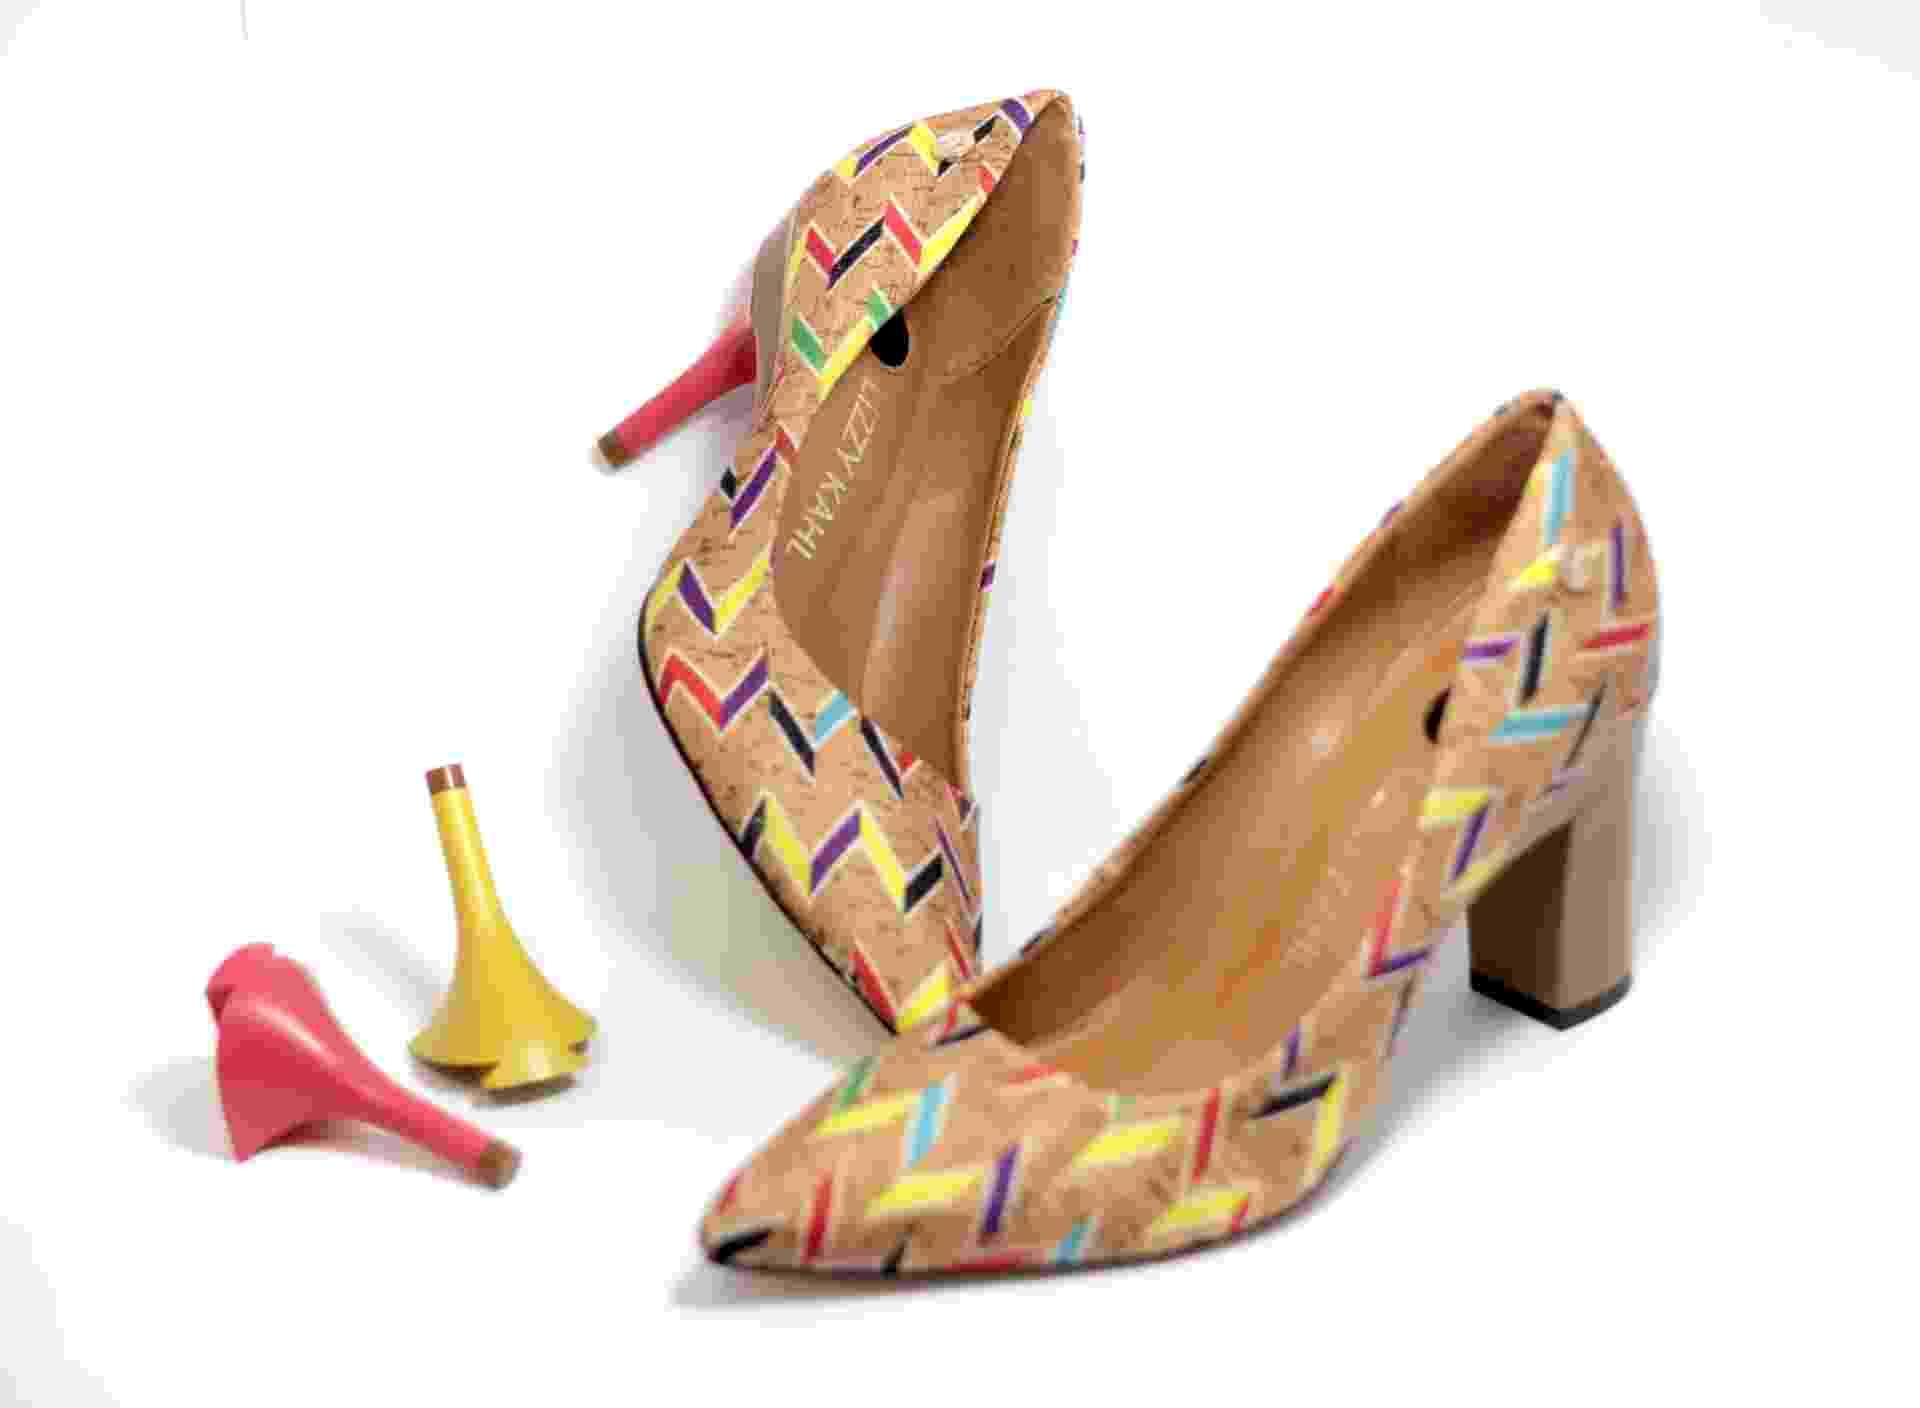 Lizzy Kahl, marca de sapatos que trocam de salto - Divulgação